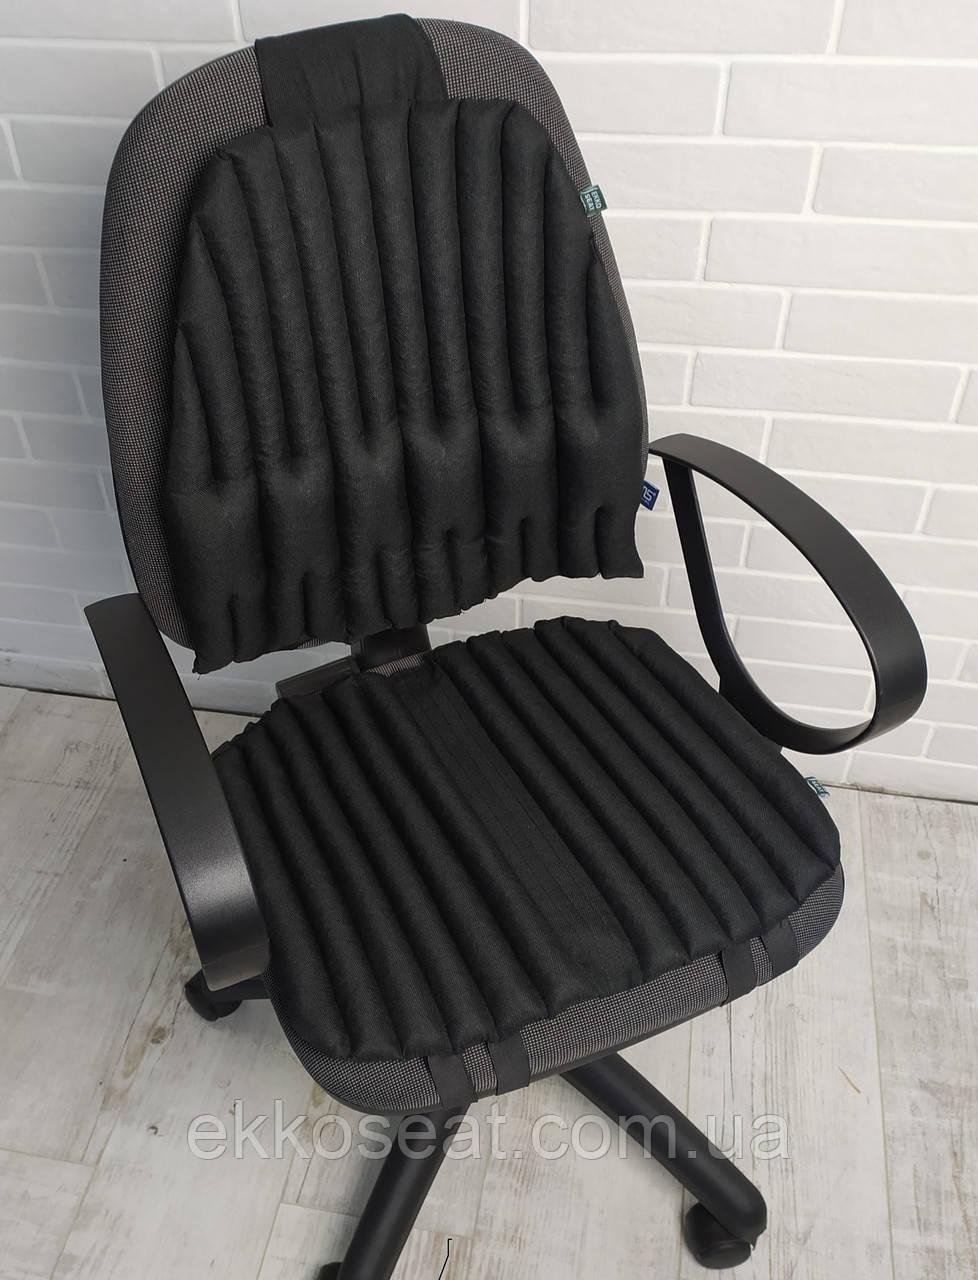 Ортопедические подушки накидки для сидения на офисные и компьютерные кресла. Классика. EKKOSEAT.